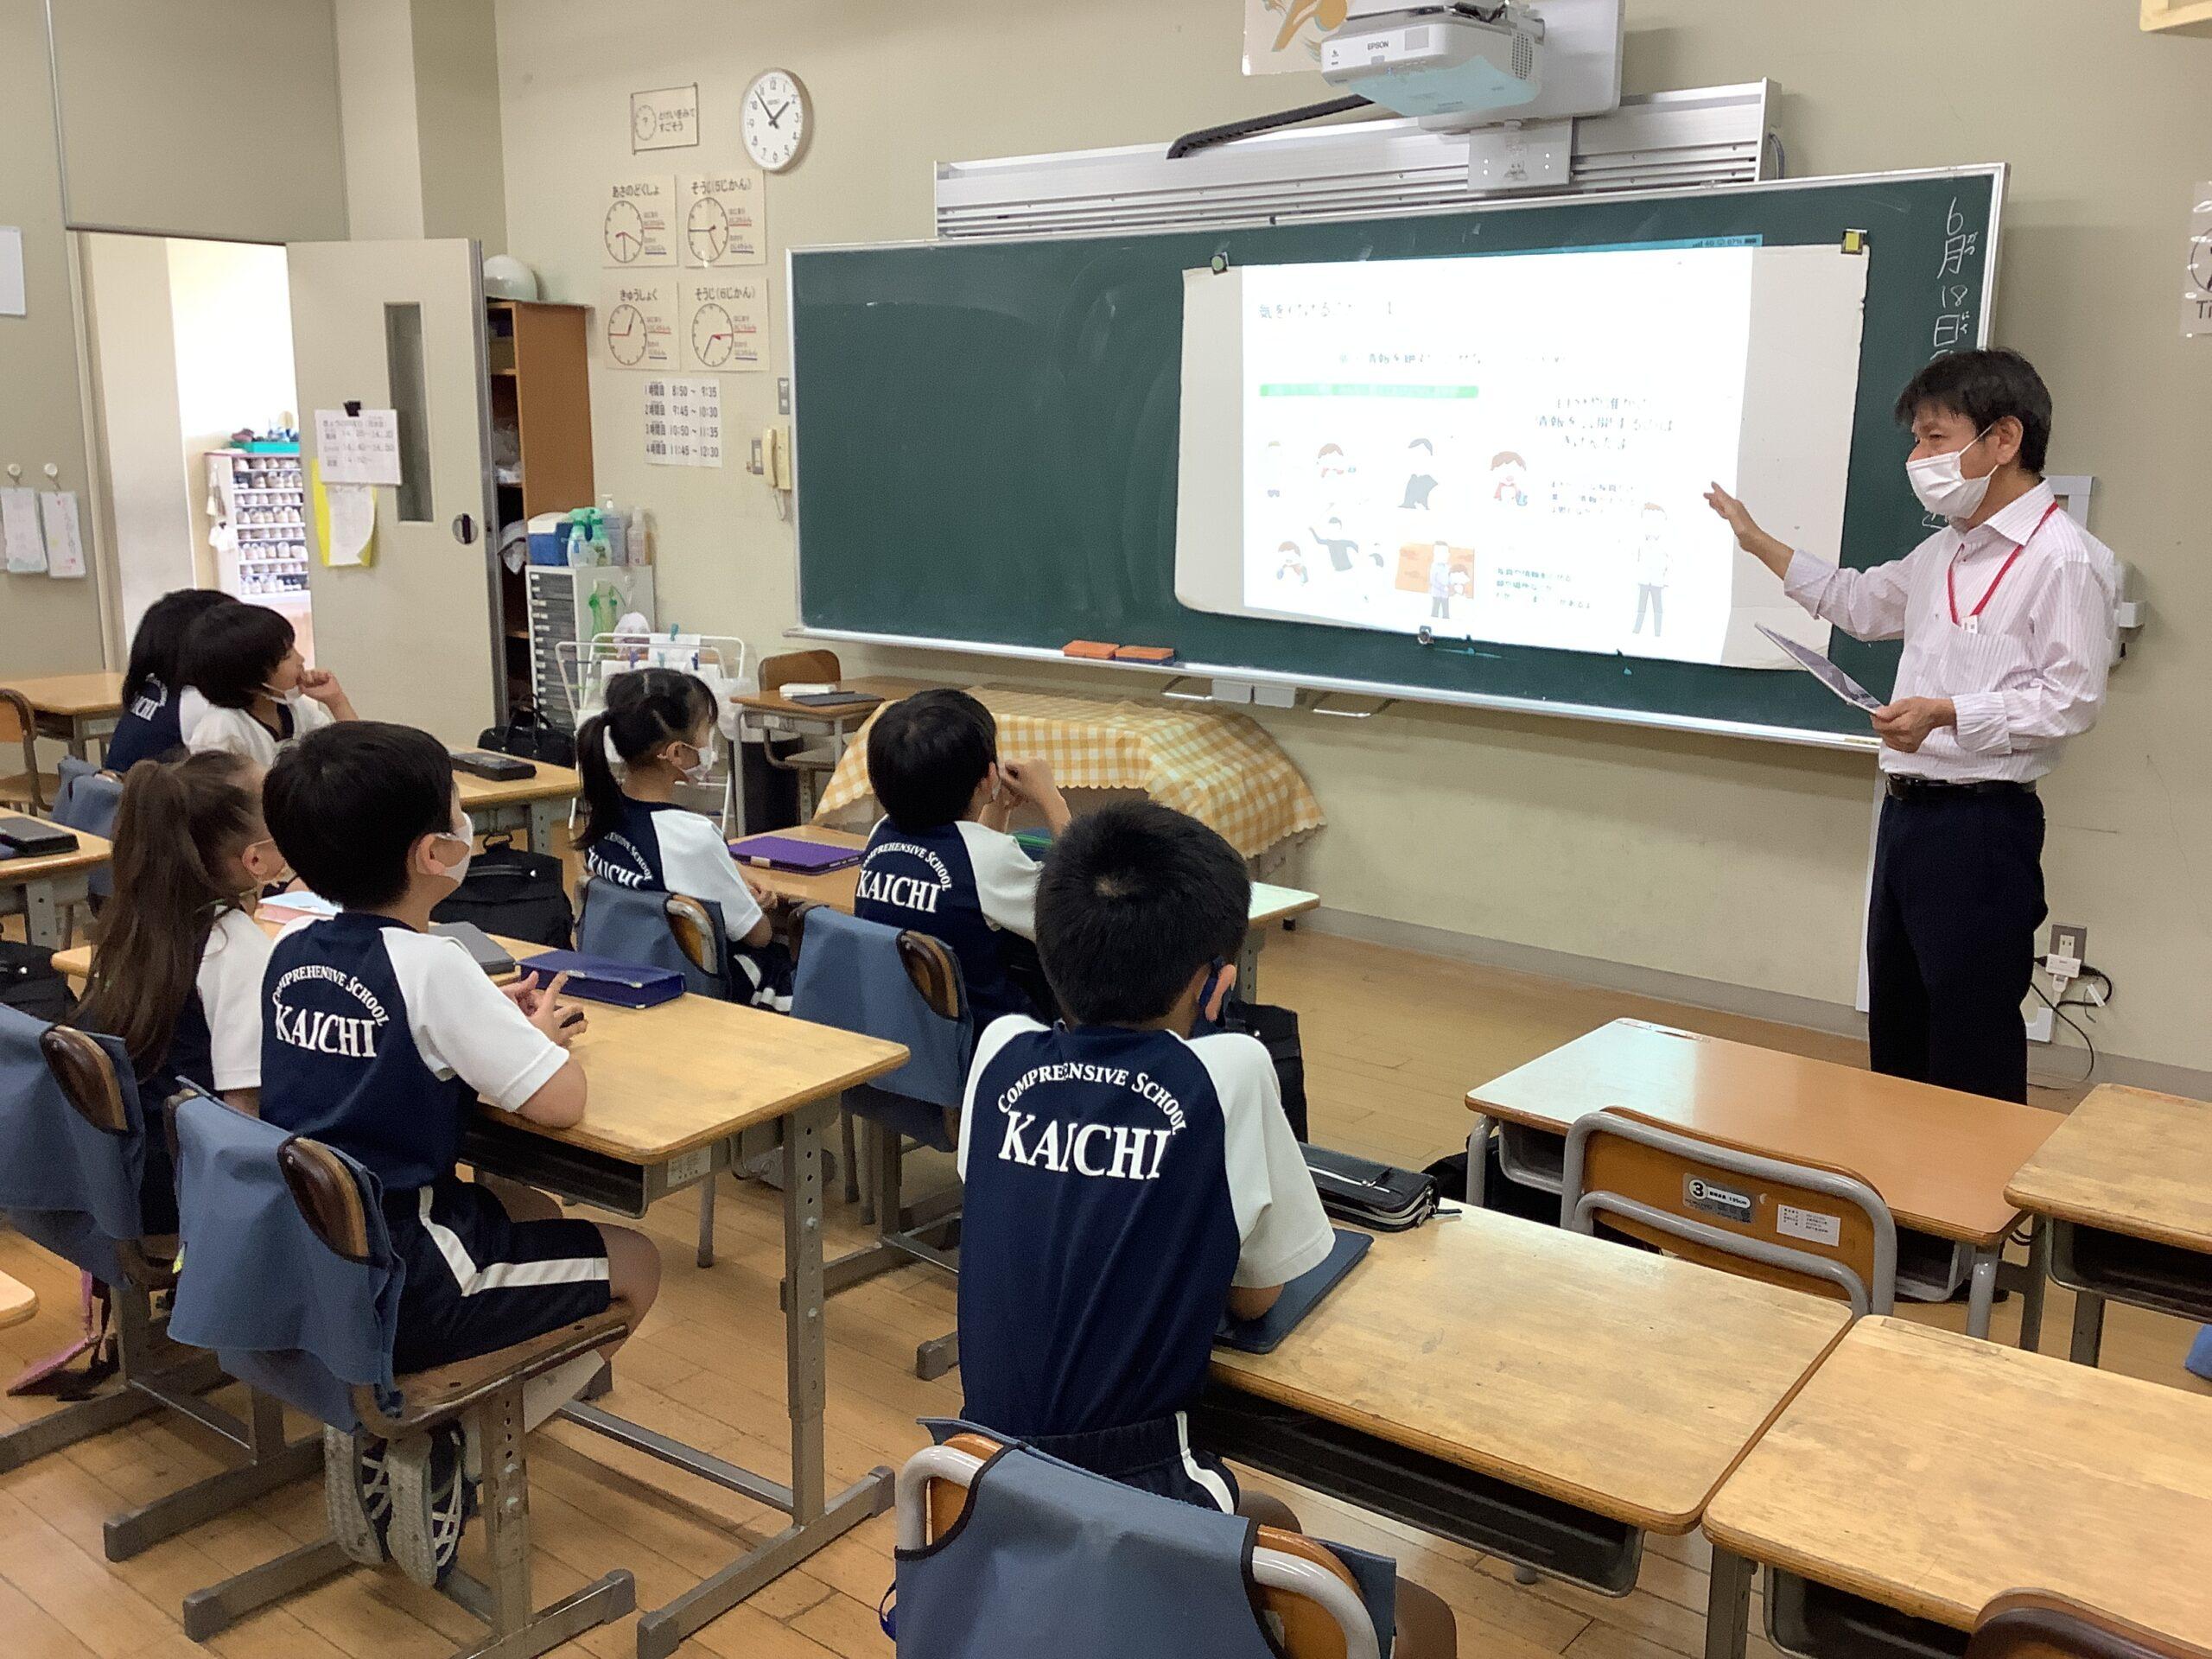 ネットマナー教室